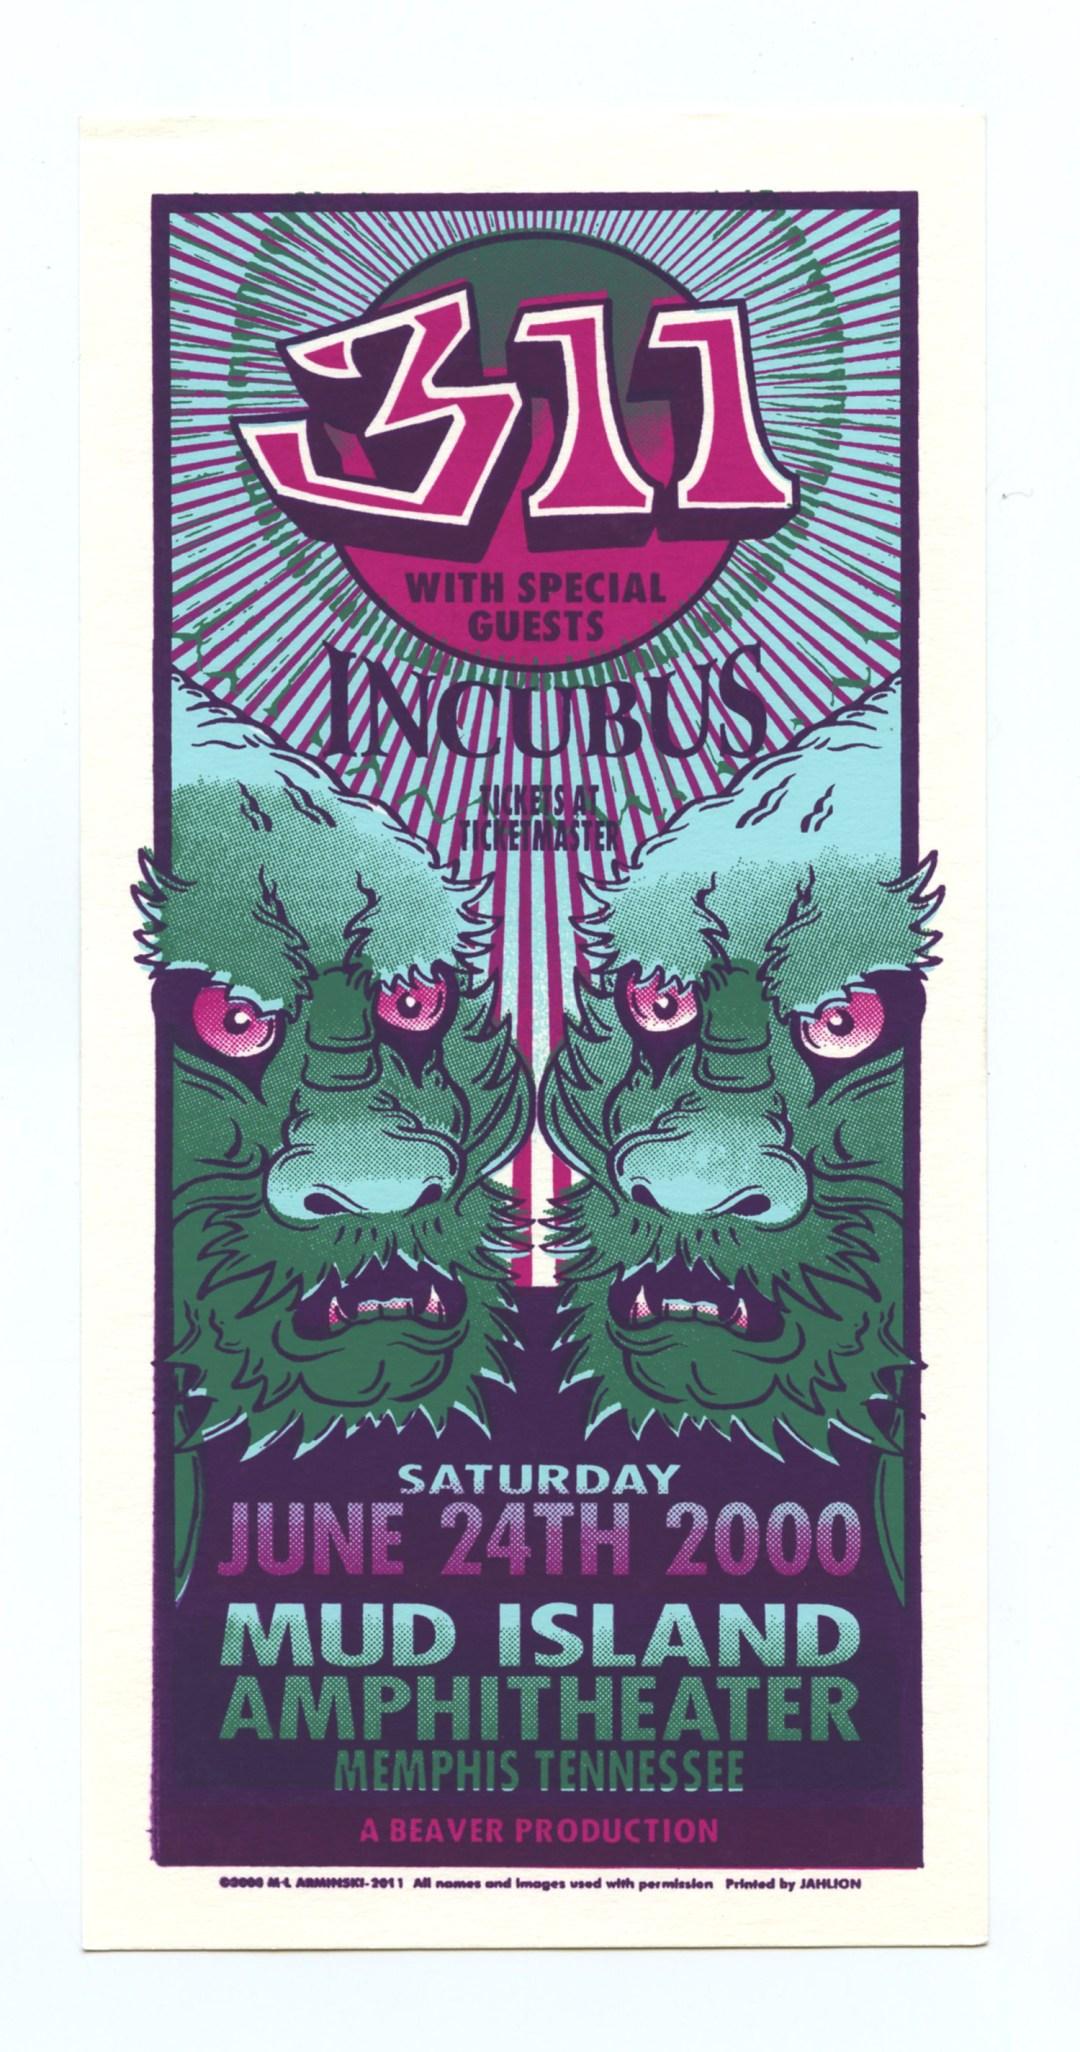 311 Handbill Incubus 2000 Jun 24 Mud Island Amphitheatre Memphis